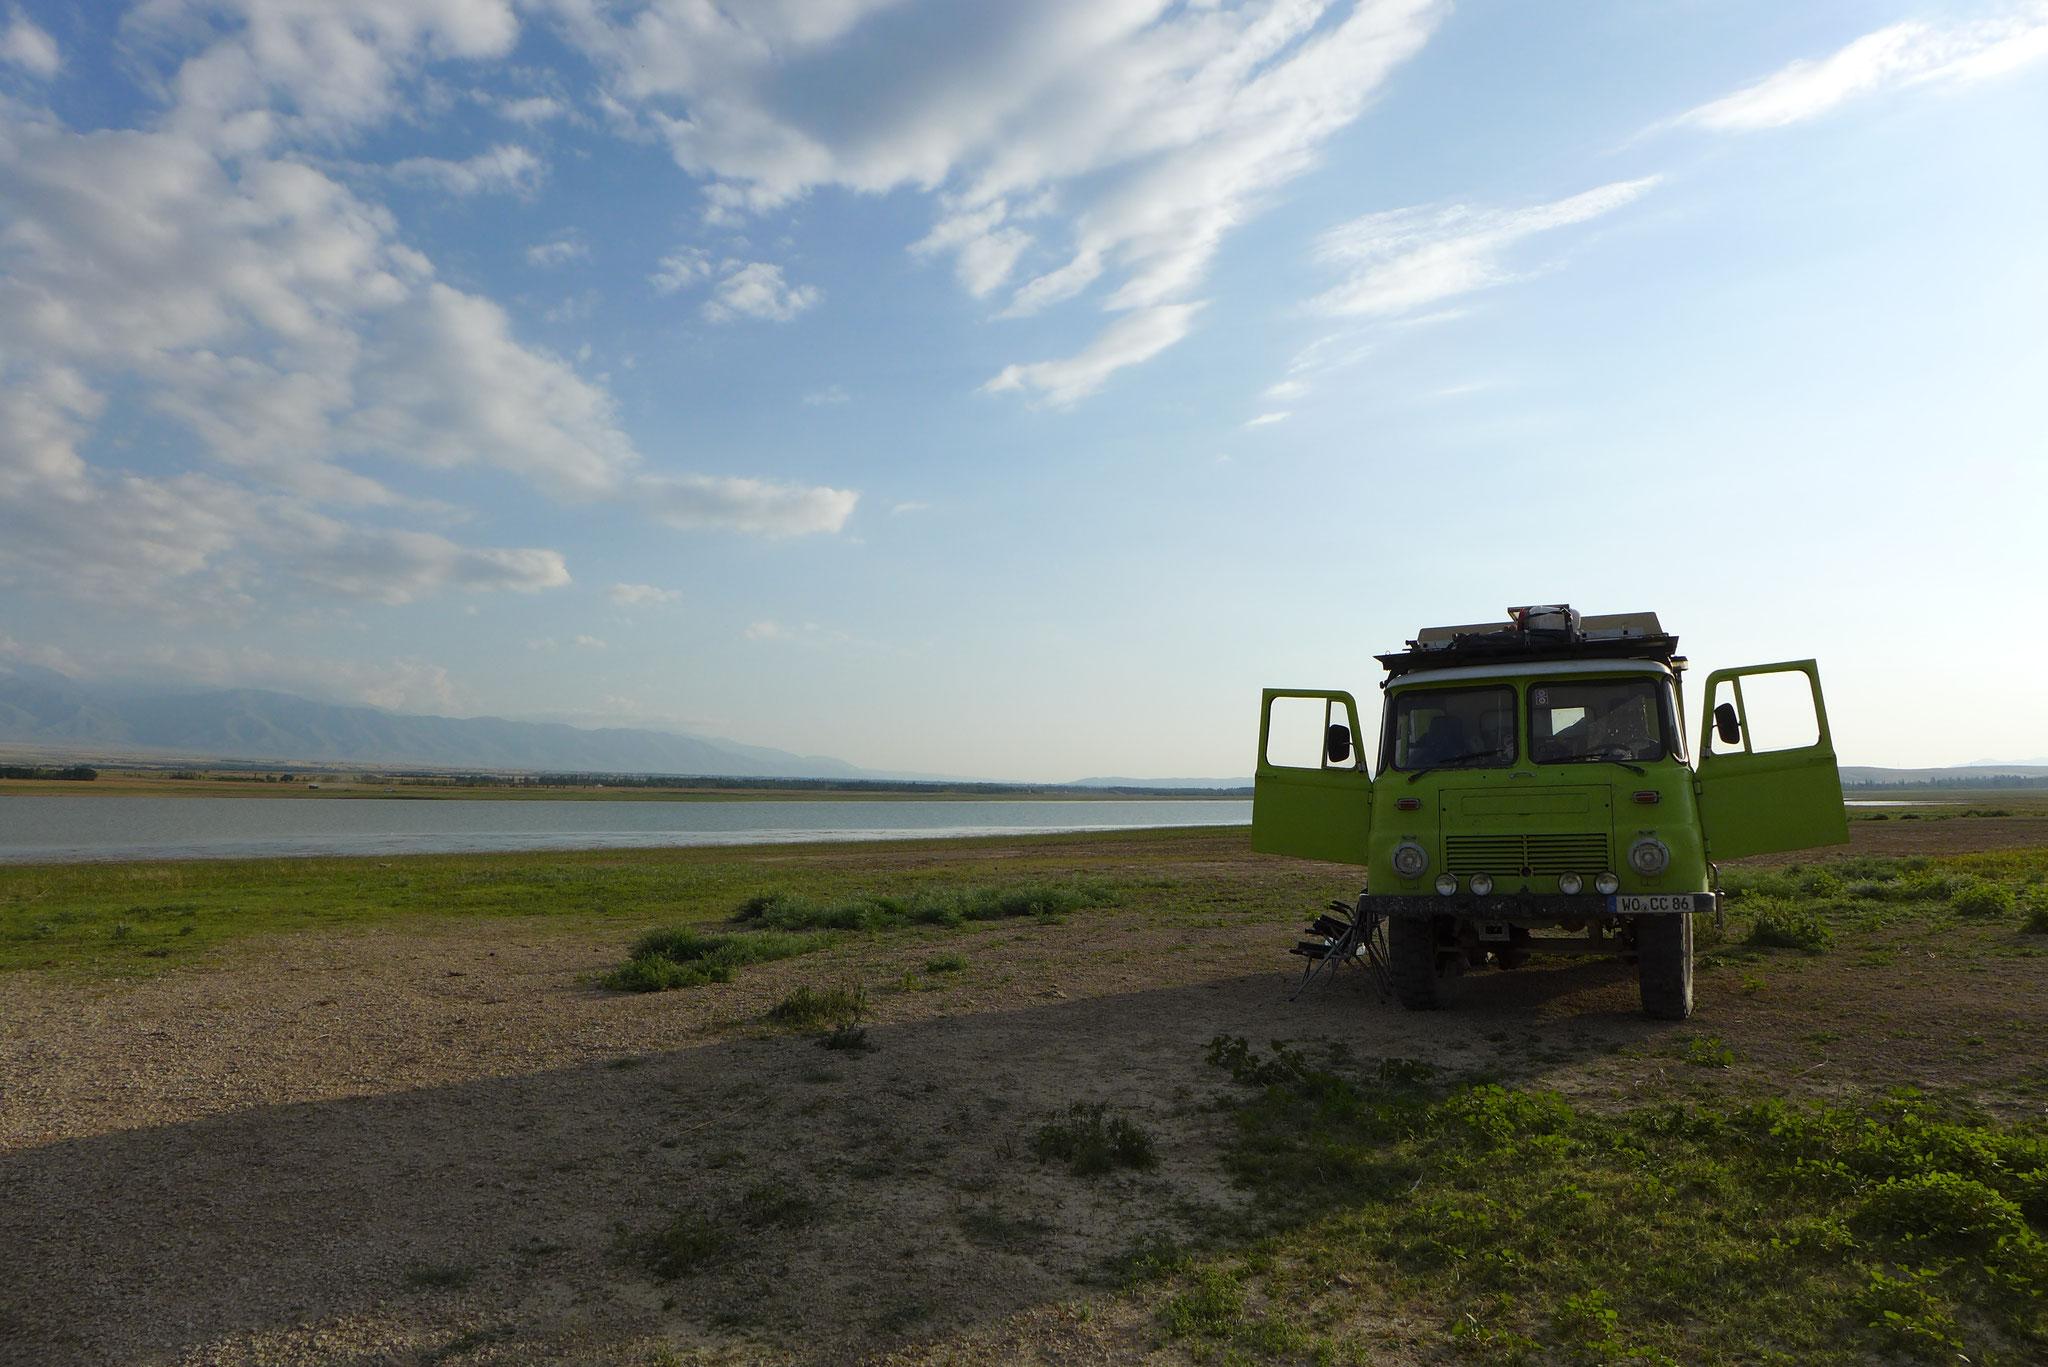 Richtung Almaty finden wir dann noch einen See zum Übernachten.